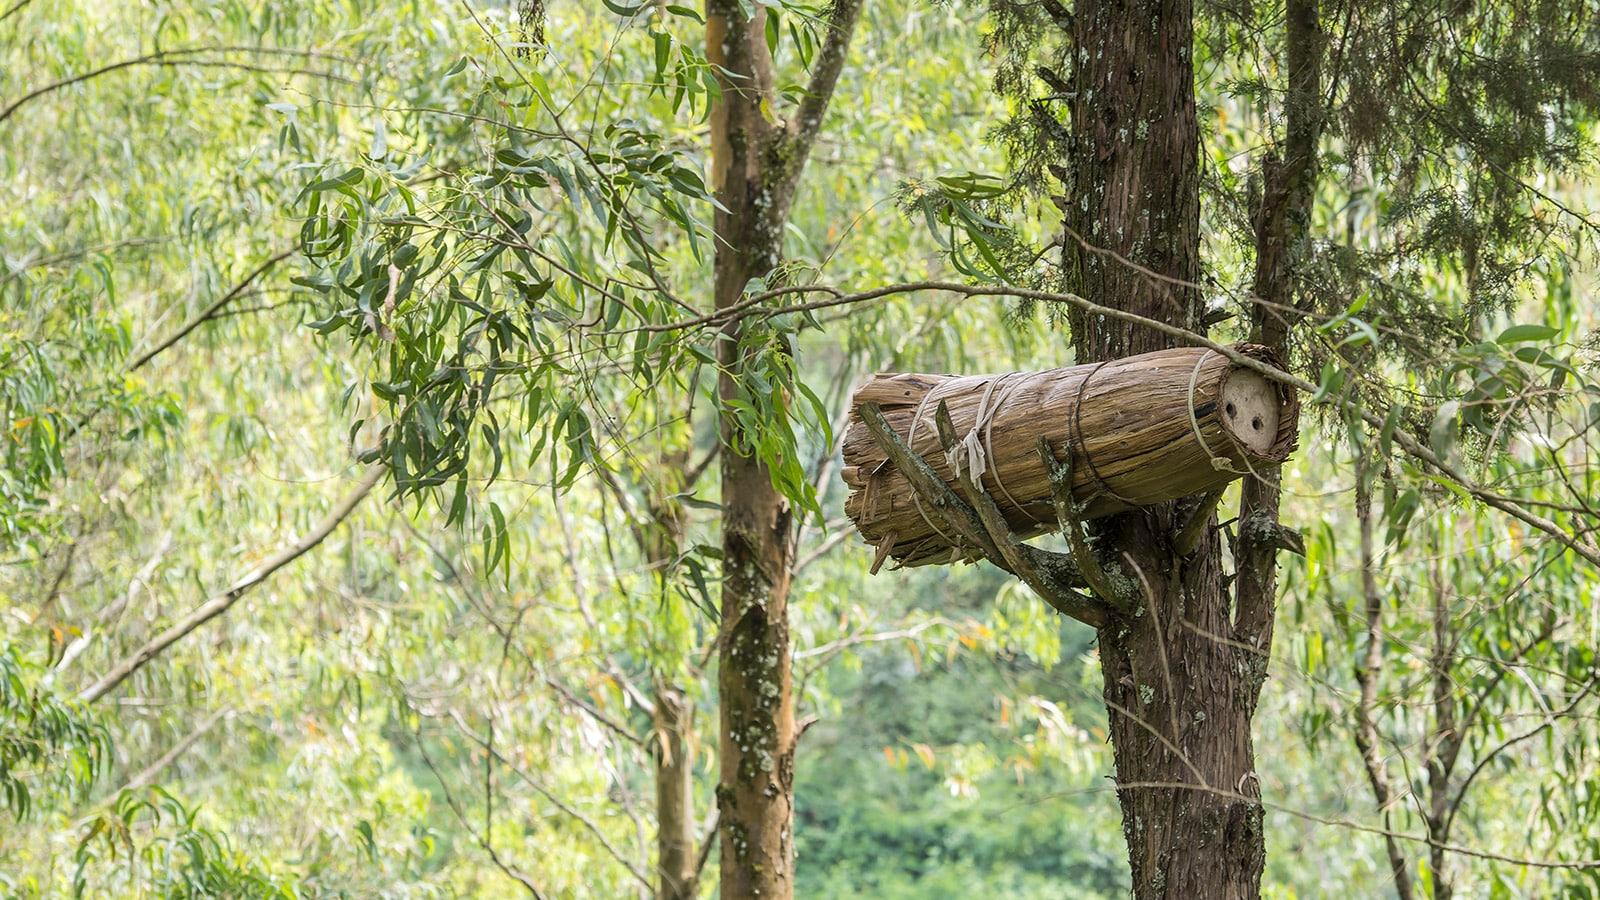 Ruche dans un arbre au Rwanda. © Getty - Guenterguni